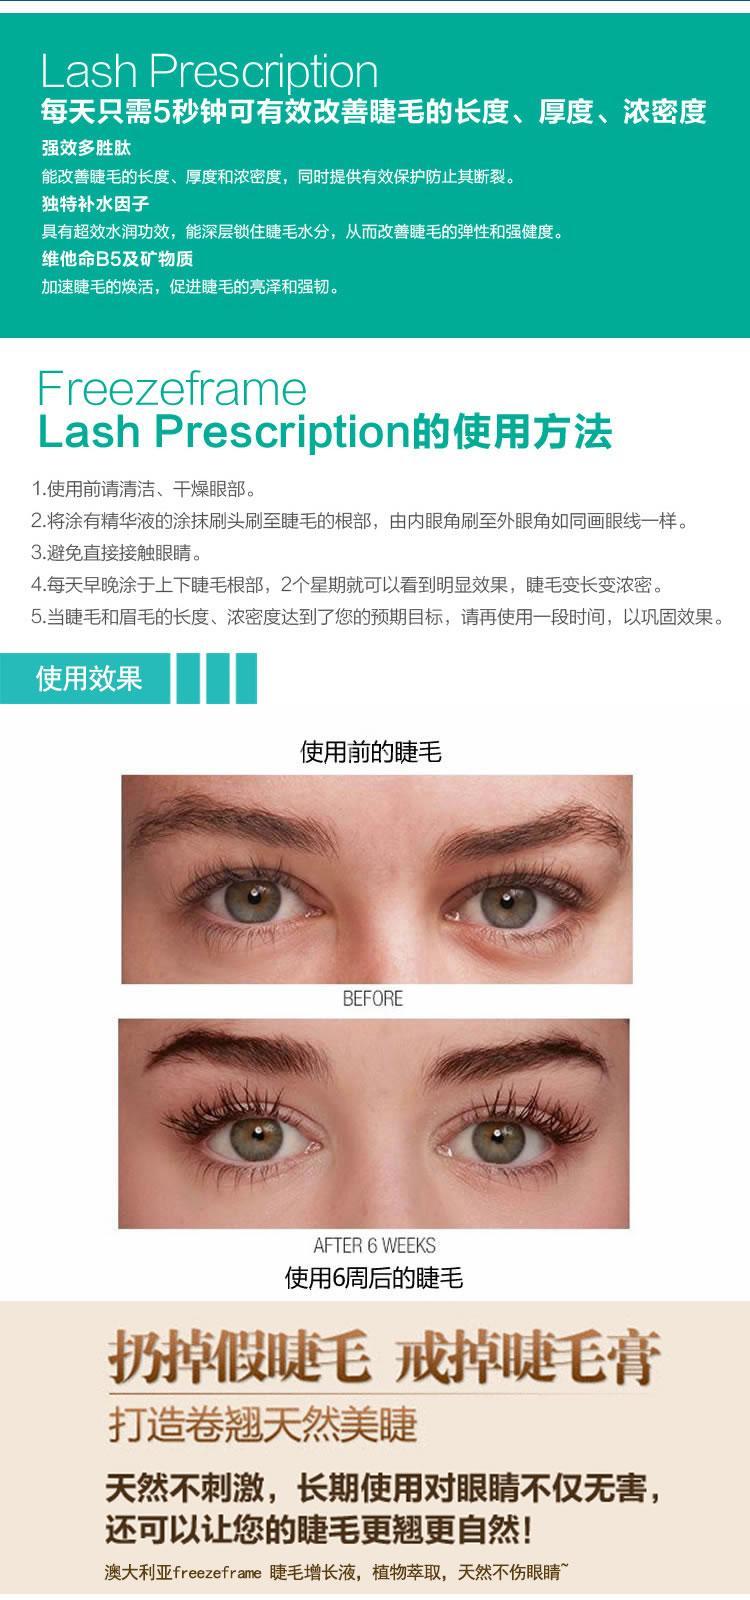 Freezeframe 神奇睫毛增长液2ml使用方法